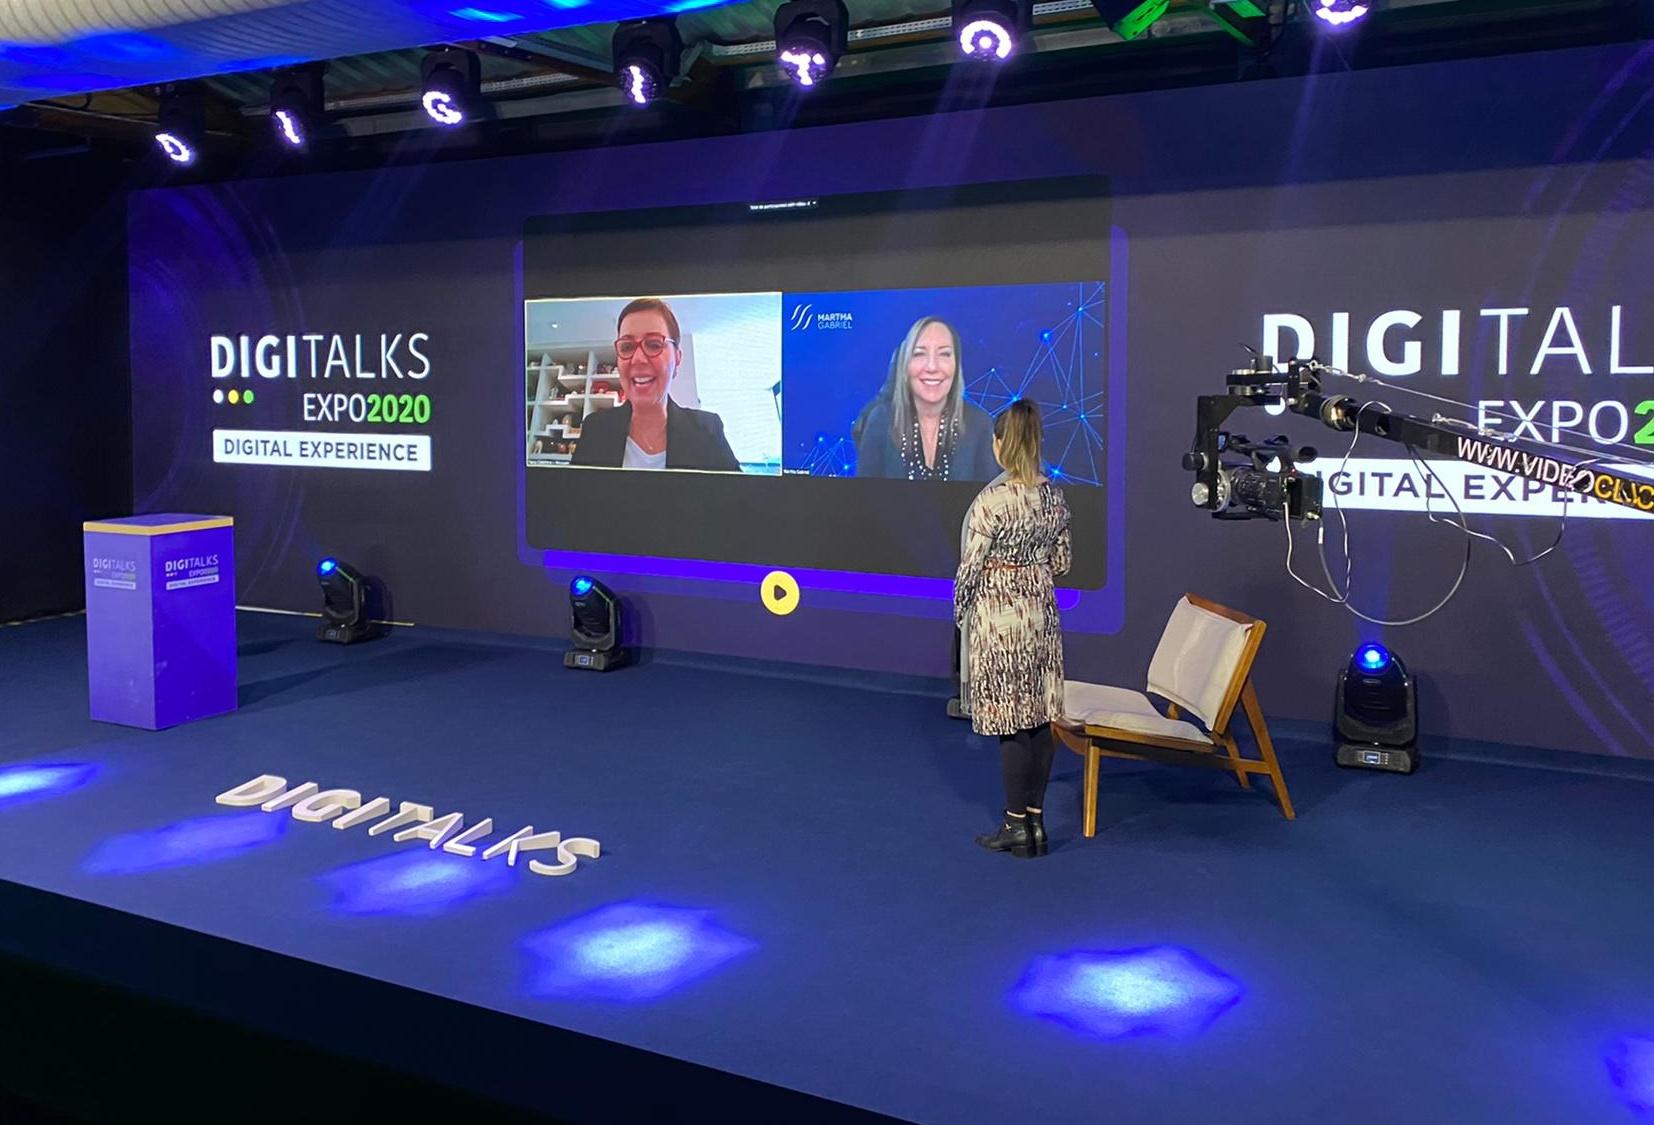 Segundo dia do evento de negócios na Economia Digital e Tecnologia reuniu grandes Keynotes como Martha Gabriel, Tânia Cosentino, Henrique Meirelles, Wilson Mello e muitos outros